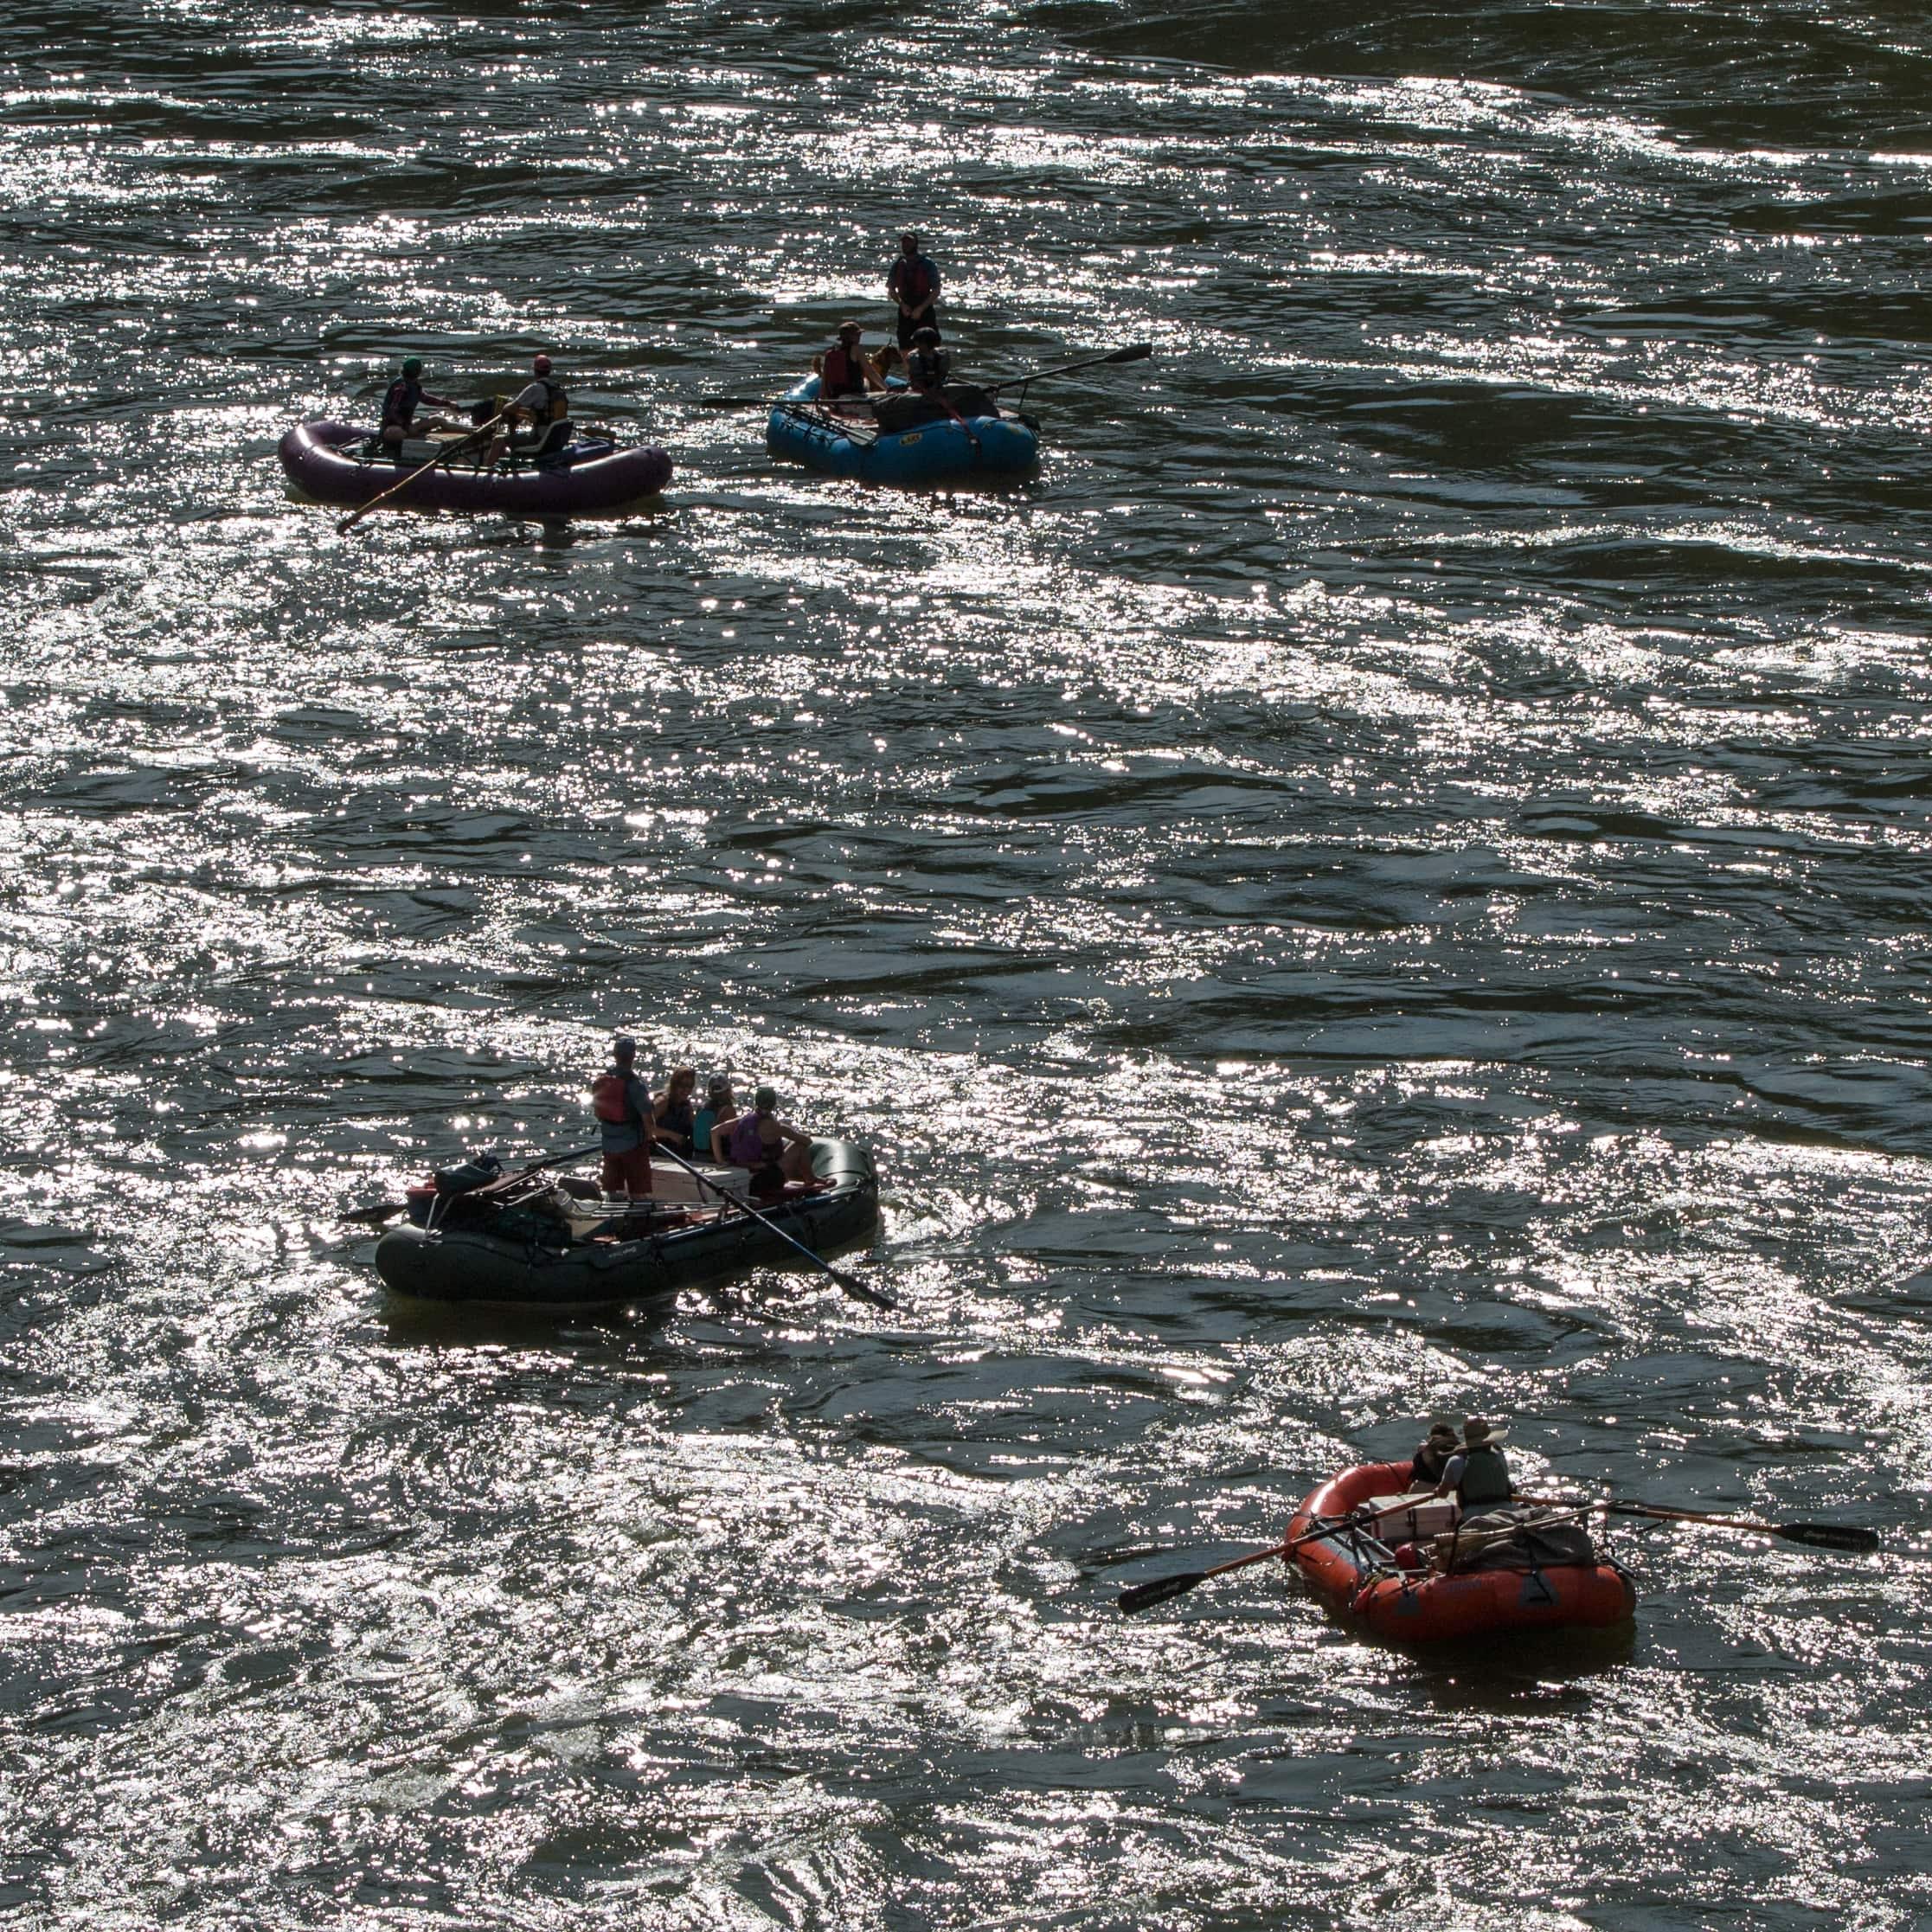 rafting-the-rogue-min.jpg